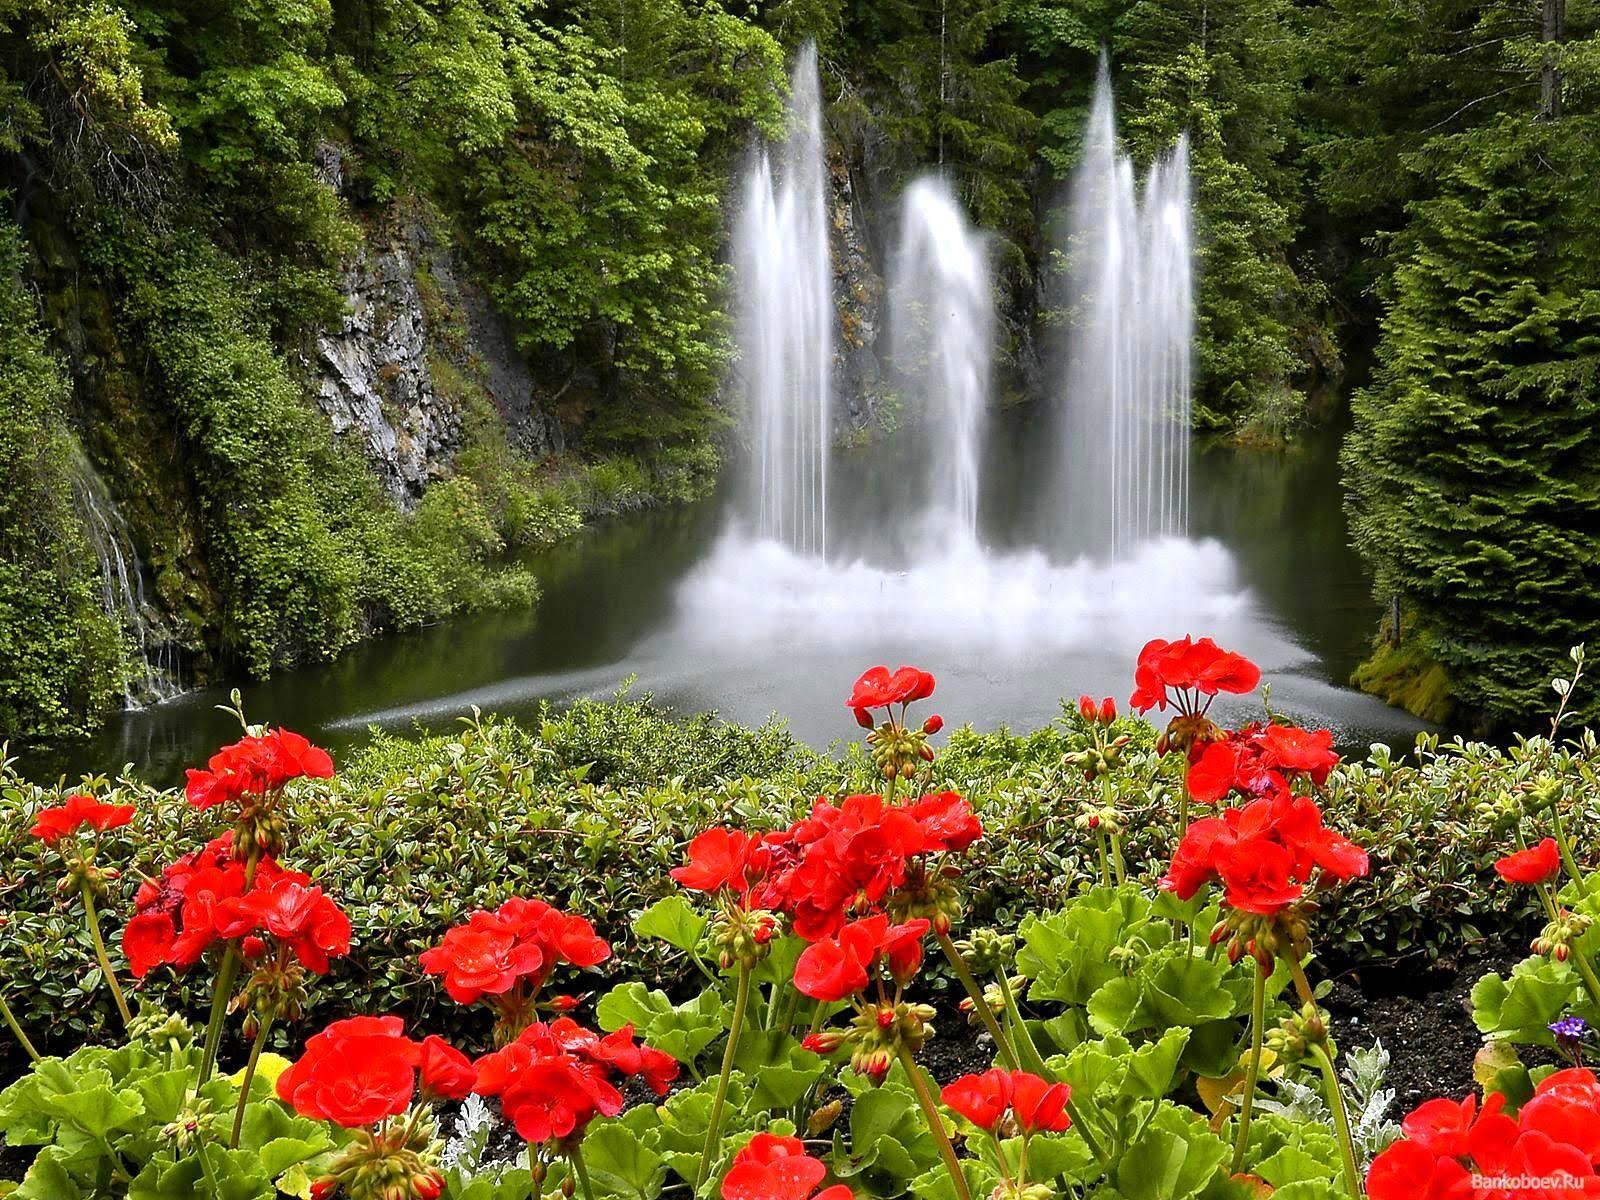 Pin De Blanca Lida Ortiz Cordoba En Jardines Bellos Del Mundo Imagenes De Paisajes Hermosos Cascadas En Movimiento Paisajes Flores